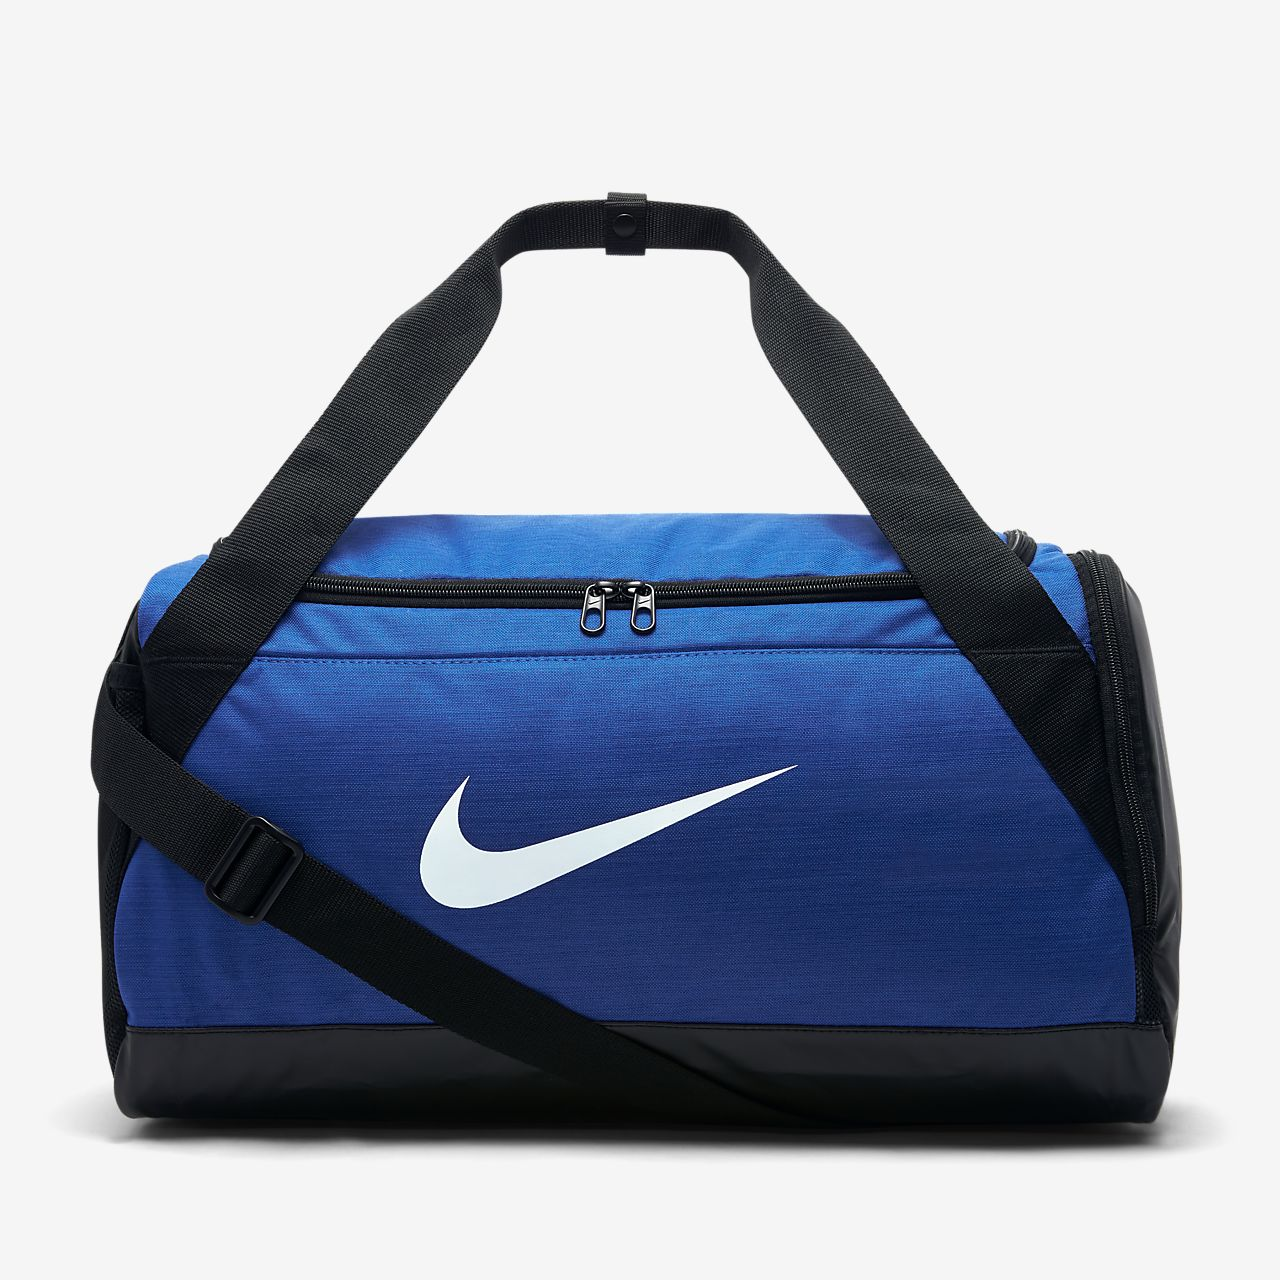 Τσάντα γυμναστηρίου Nike Brasilia (μέγεθος Small)